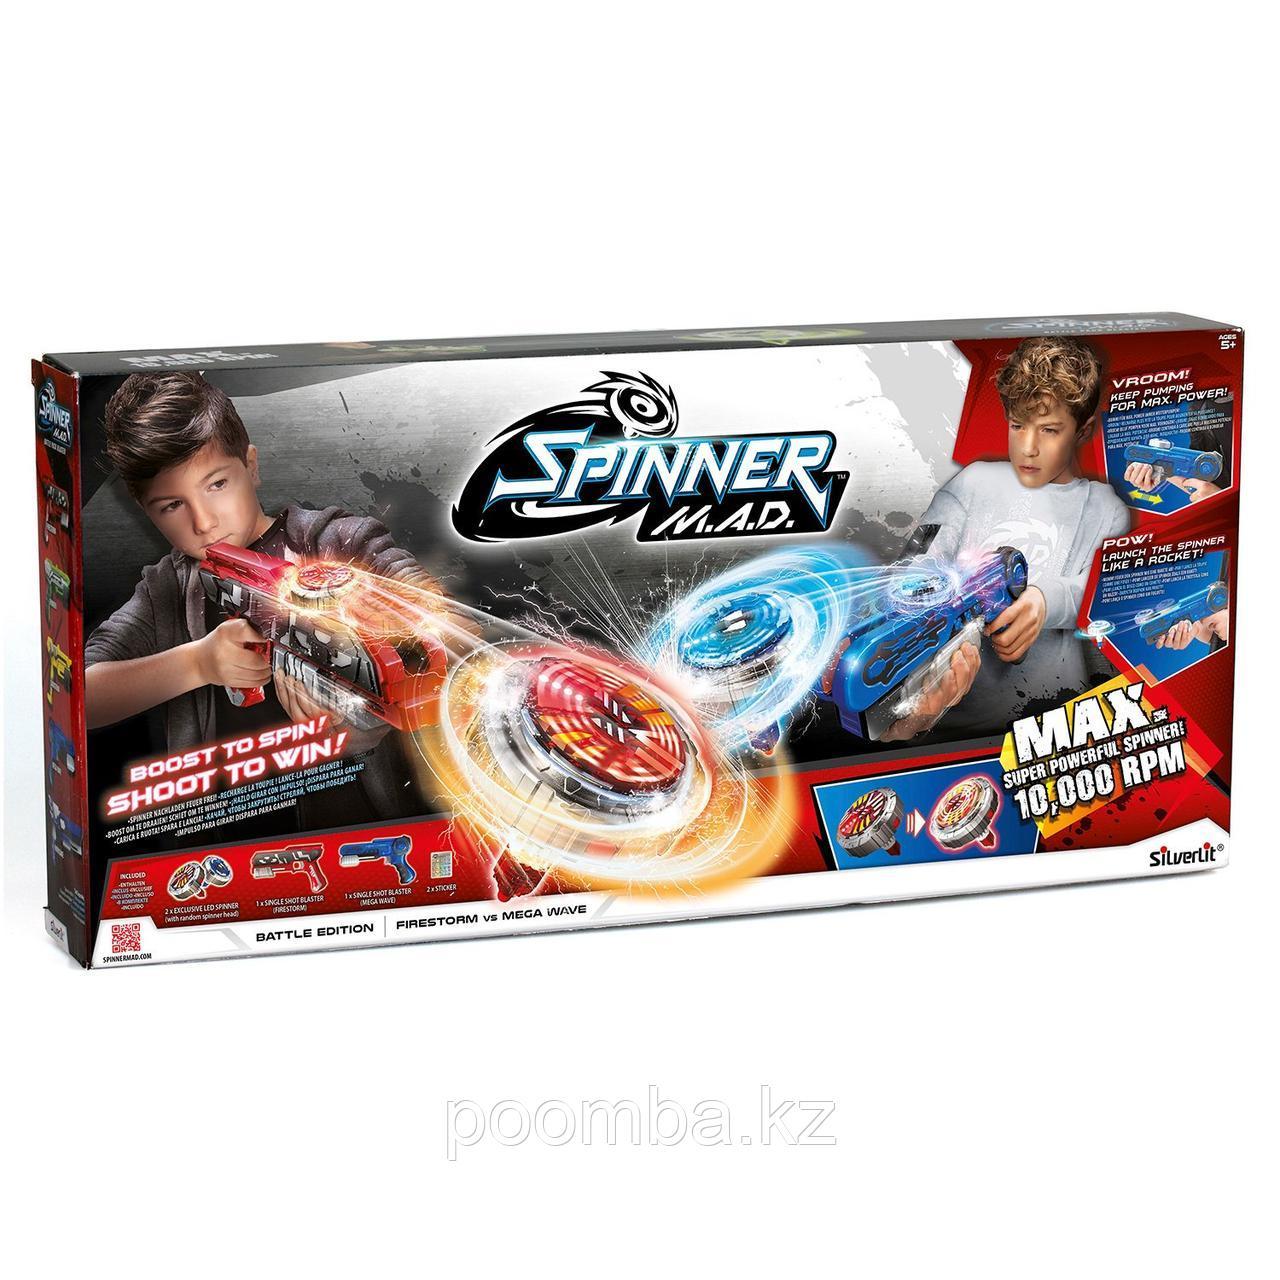 Боевые волчки - Боевой набор из 2 бластеров Spinner Mad, синий и красный